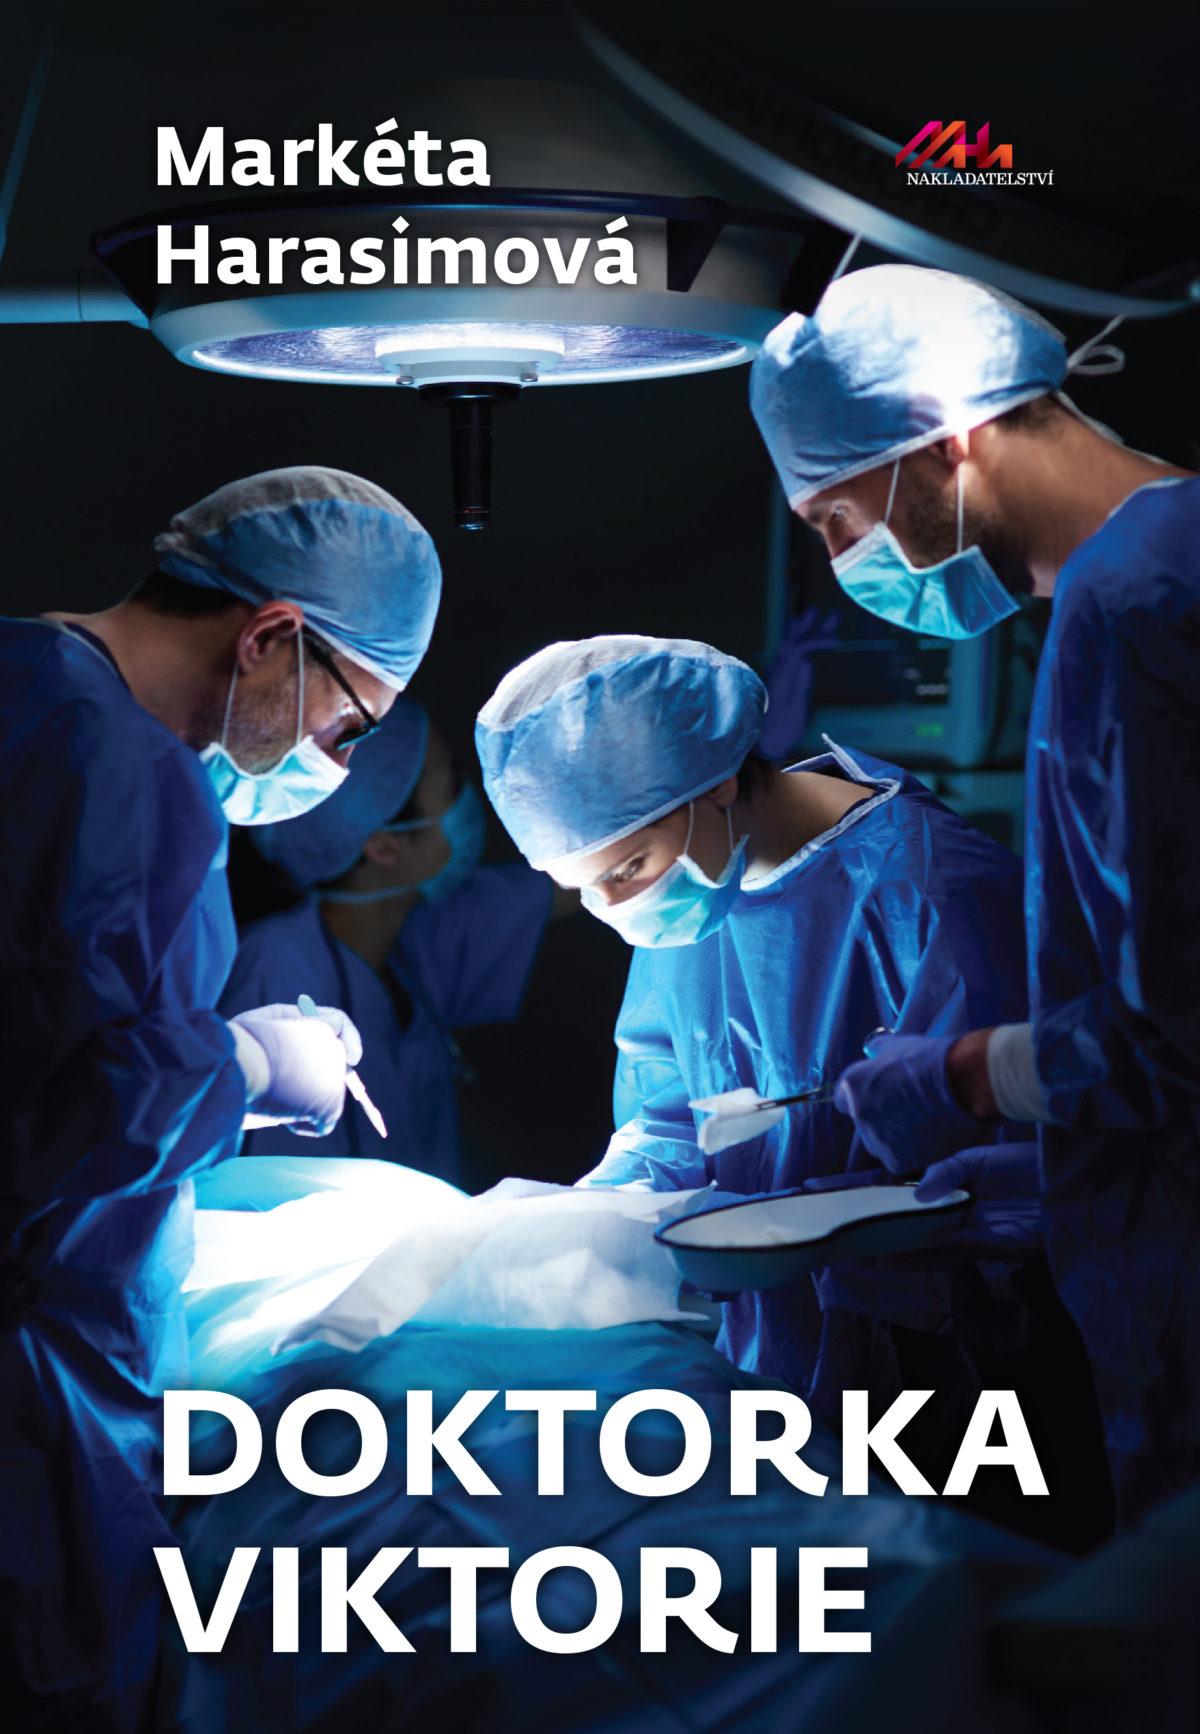 Nový román Markéty Harasimové: Právě vychází Doktorka Viktorie!